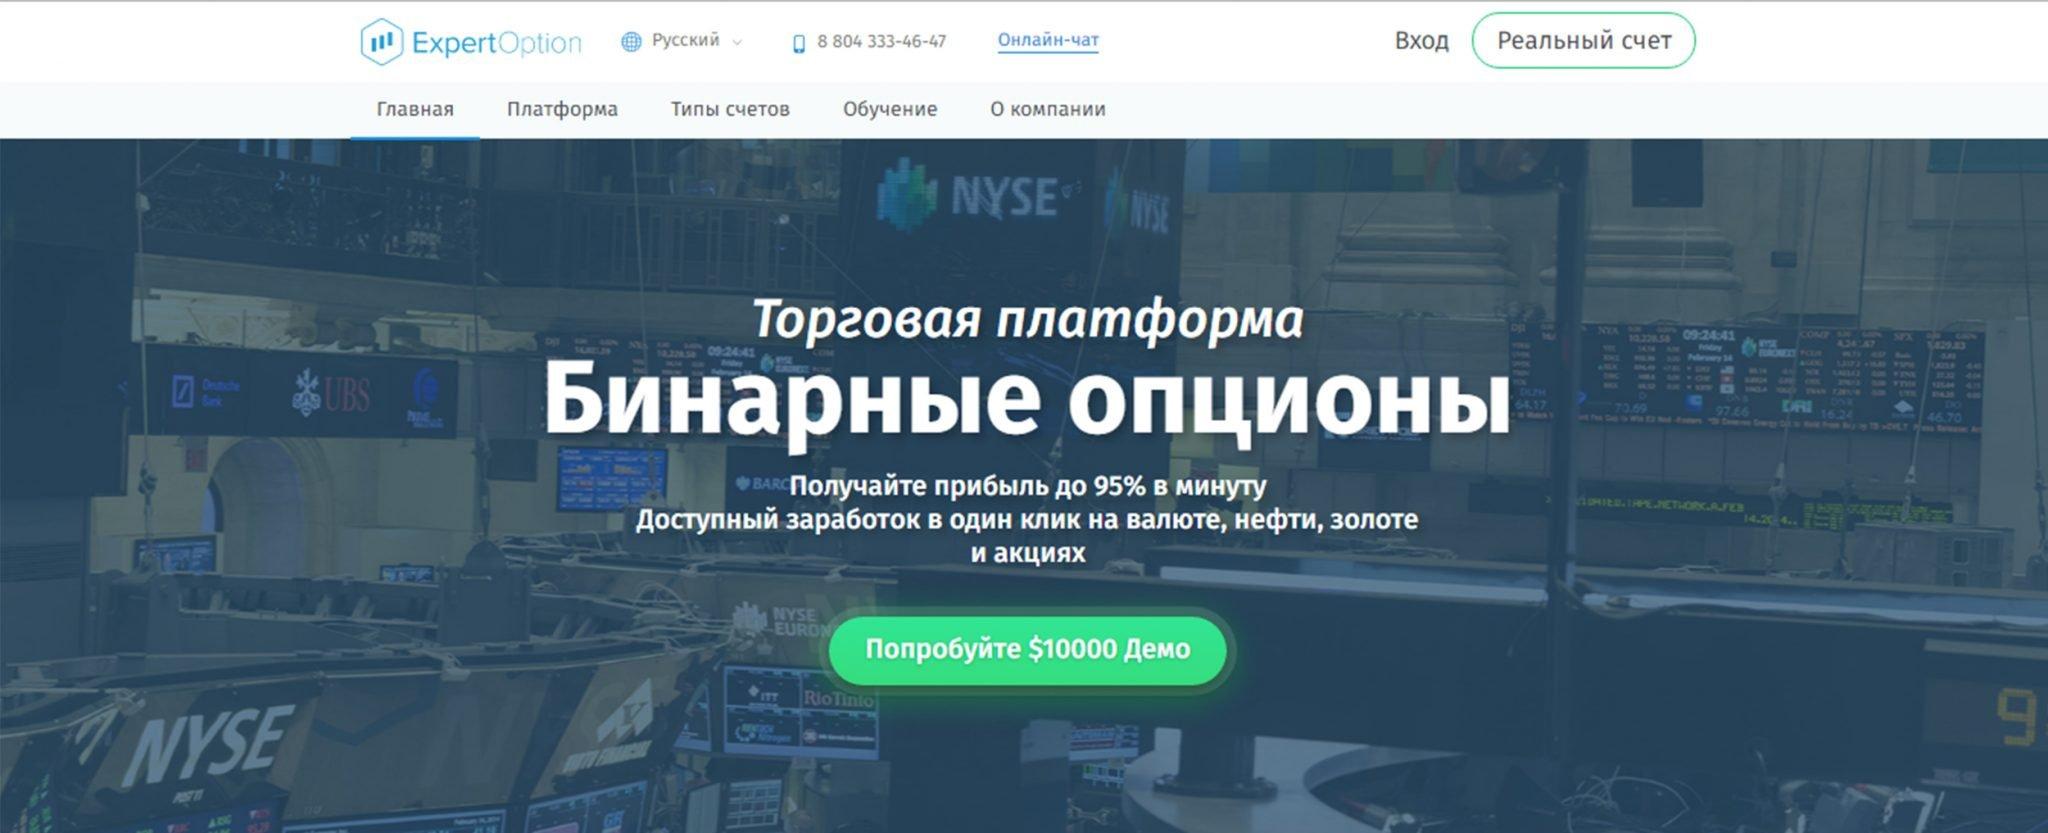 ExpertOption - брокер бинарных опционов